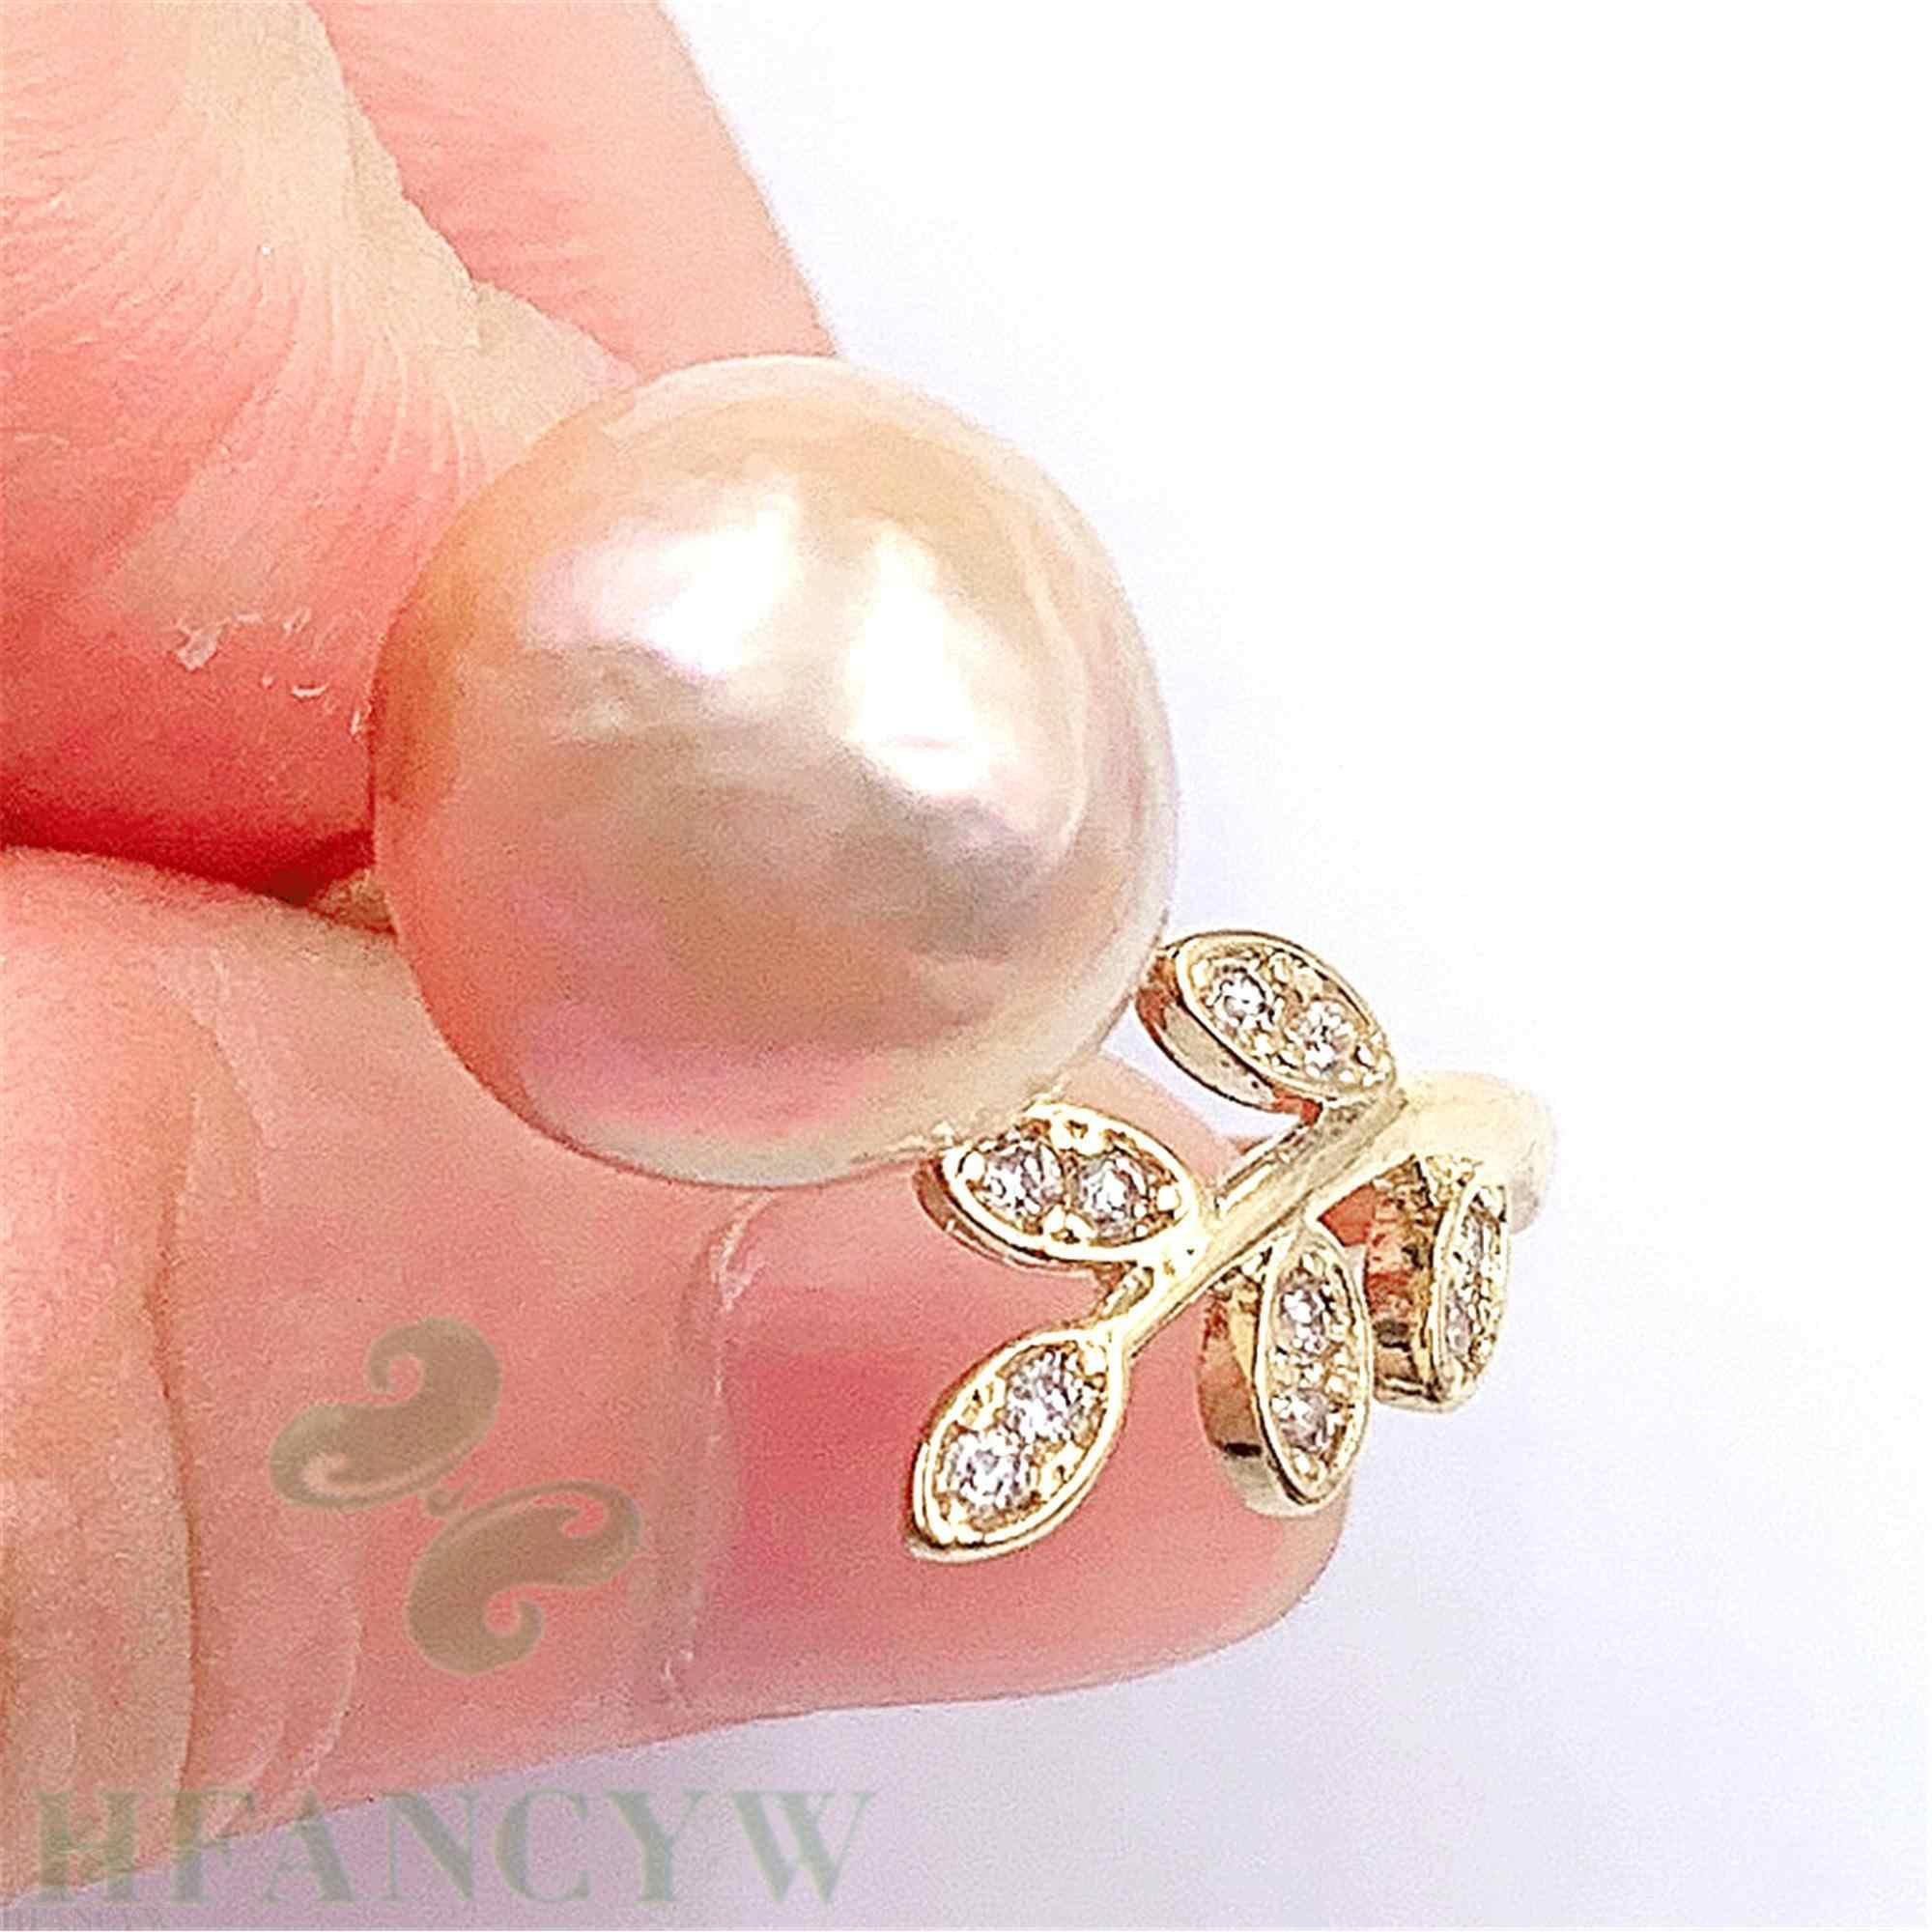 สีชมพู Baroque Pearl Leaf เปิดแหวนปรับ DIY Mesmerizing HAND-made Luxury Gorgeous ไข่มุกน้ำจืด Elegant